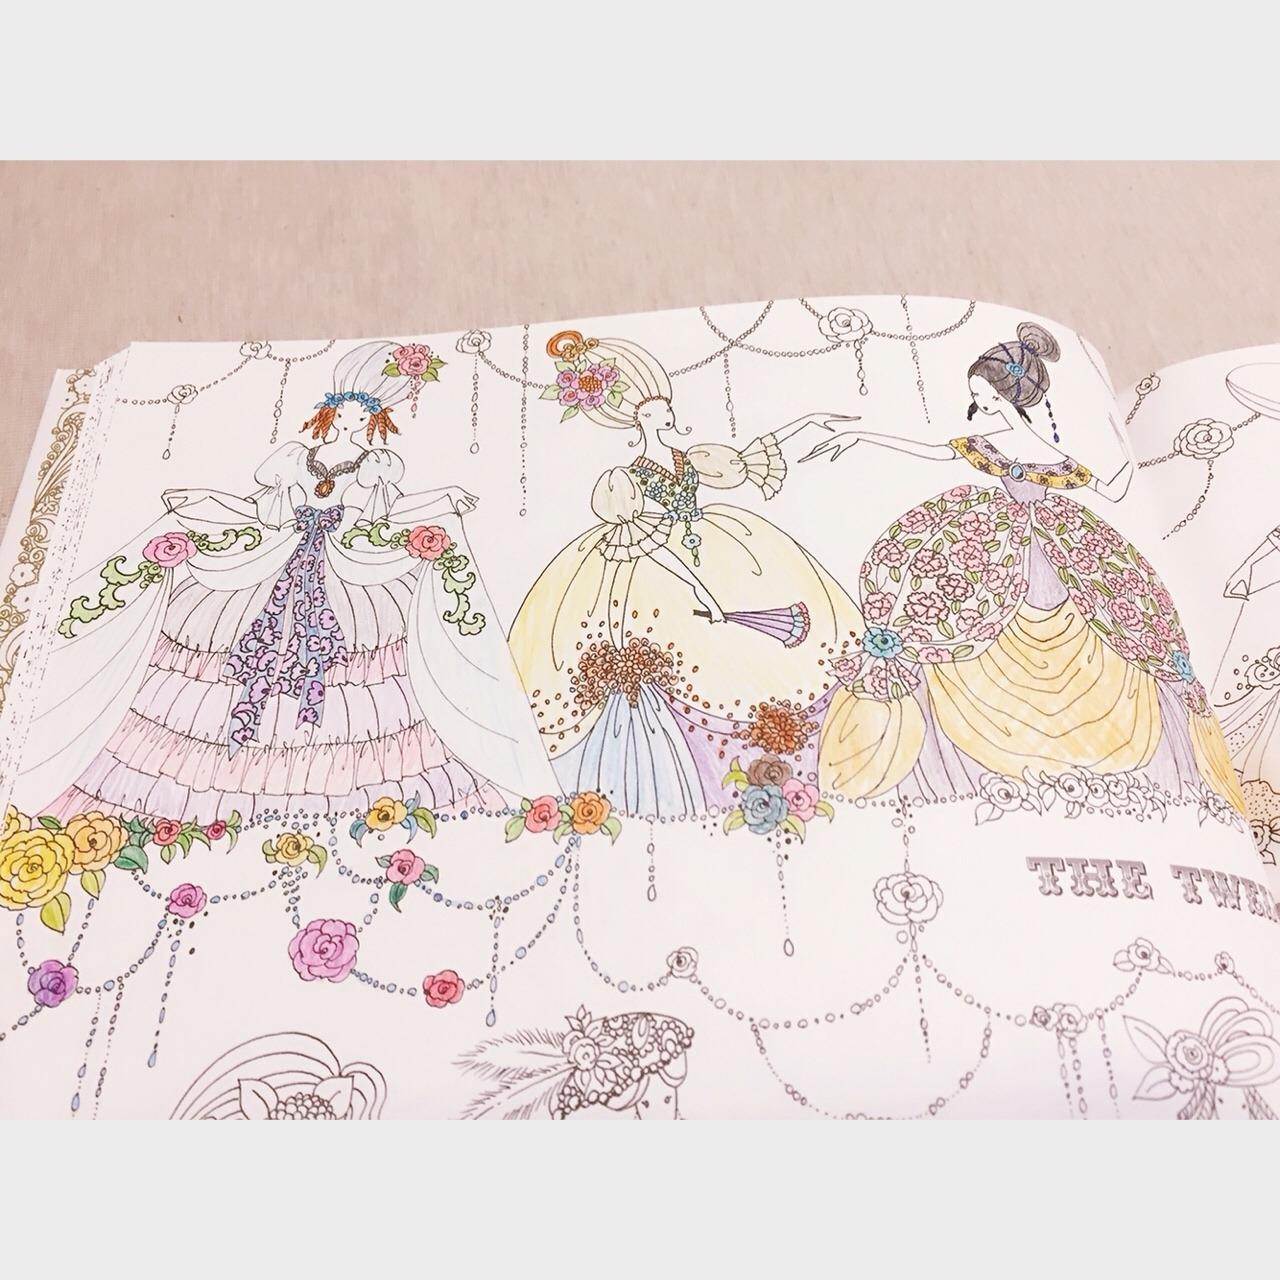 手绘古装公主铅笔日本